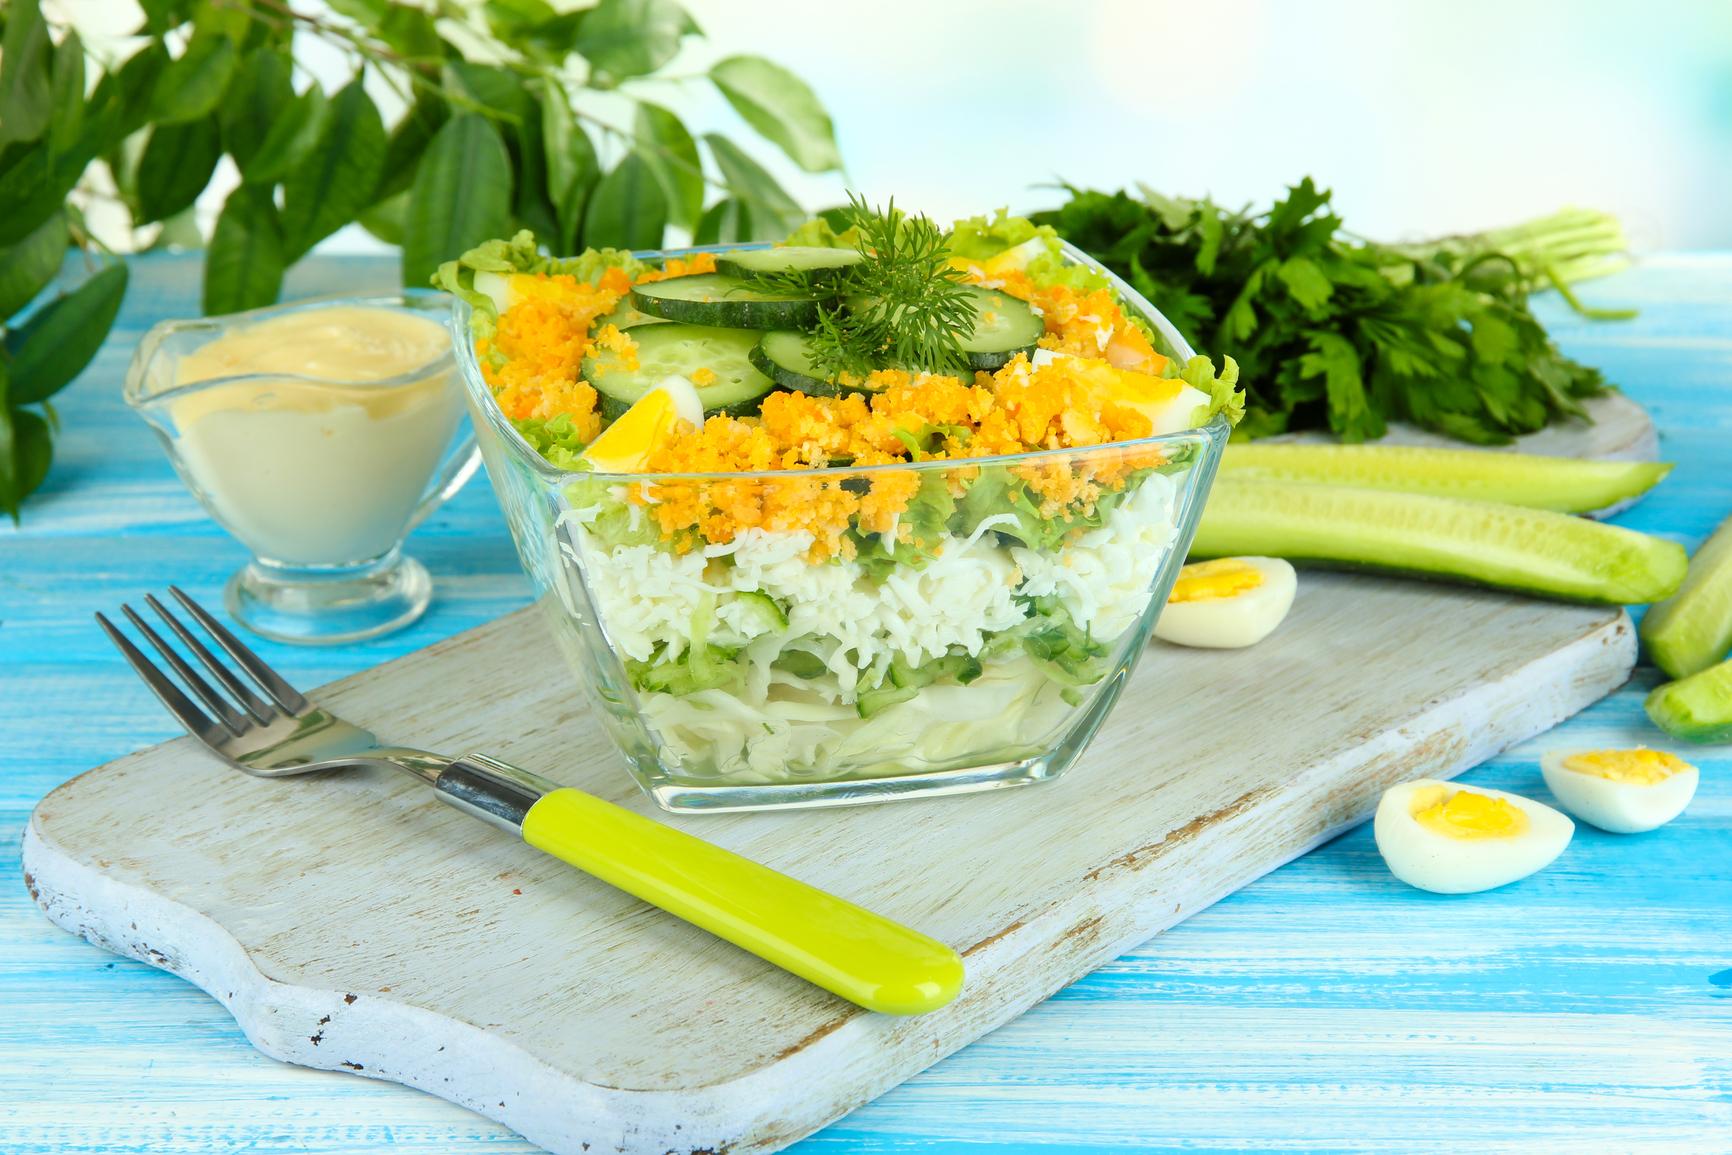 рецепты салатов из огурцов и яиц